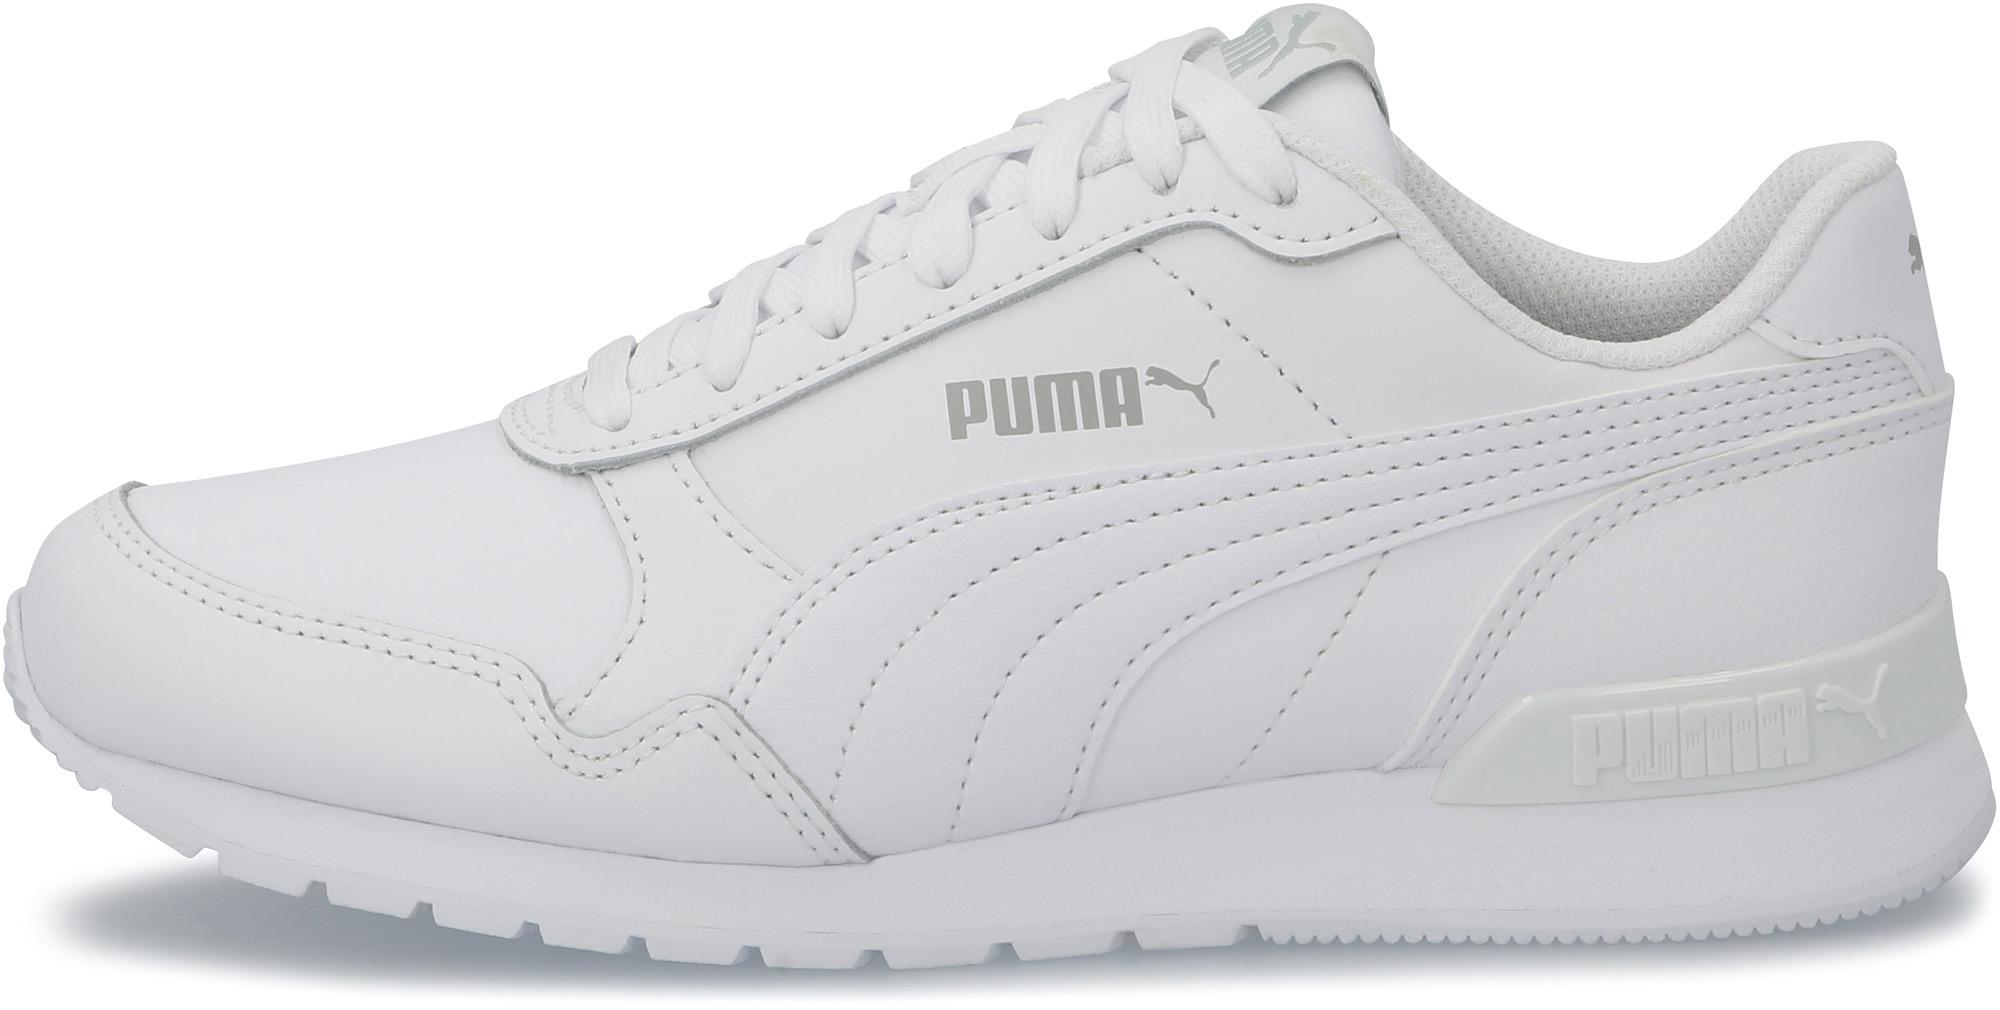 Фото - Puma Кроссовки для девочек Puma St Runner V2 L Jr, размер 34.5 кроссовки мужские puma st runner